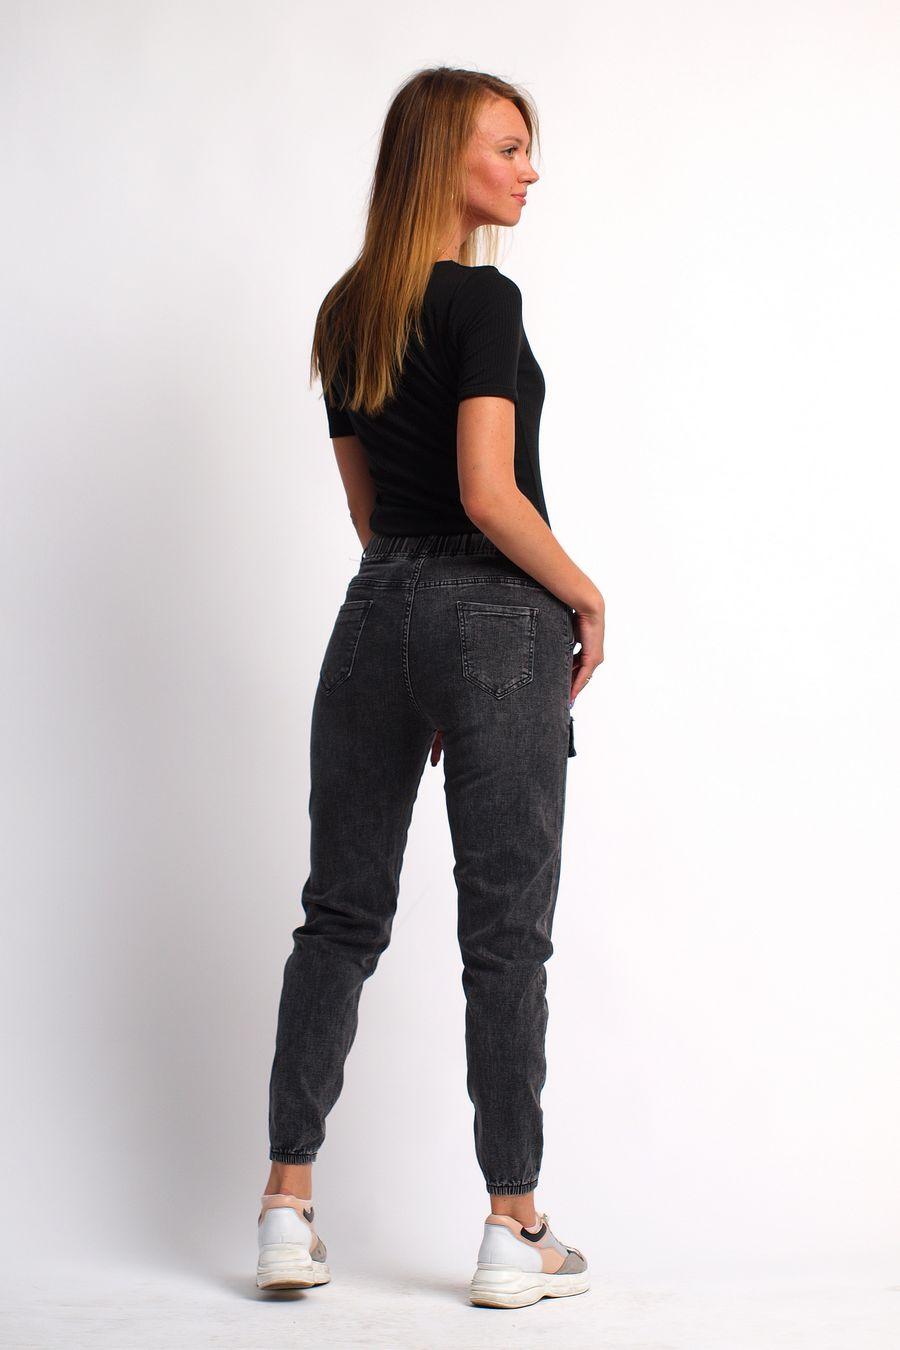 Джинсы женские K.Y Jeans R068 - фото 3